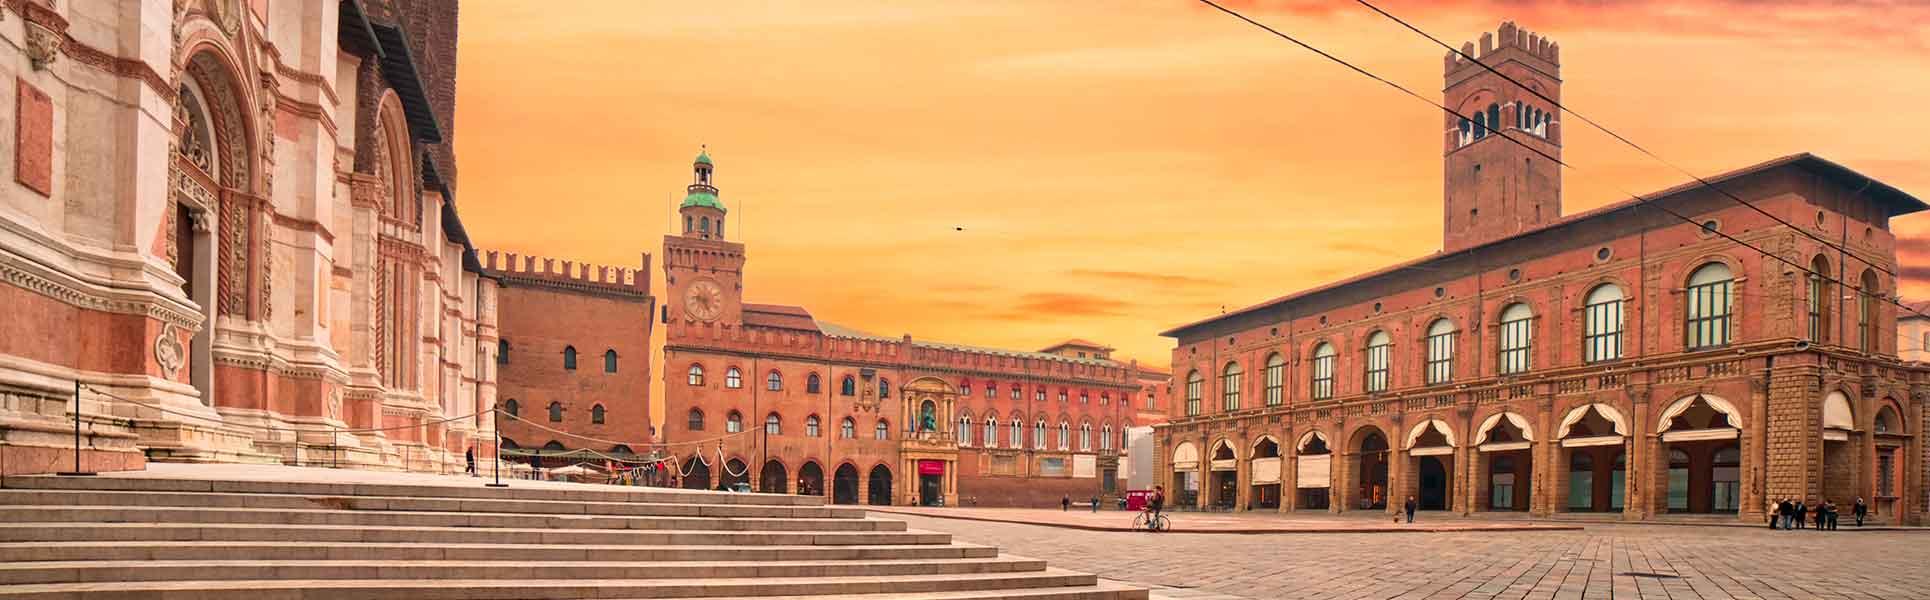 Consolidamento Fondazionia Bologna